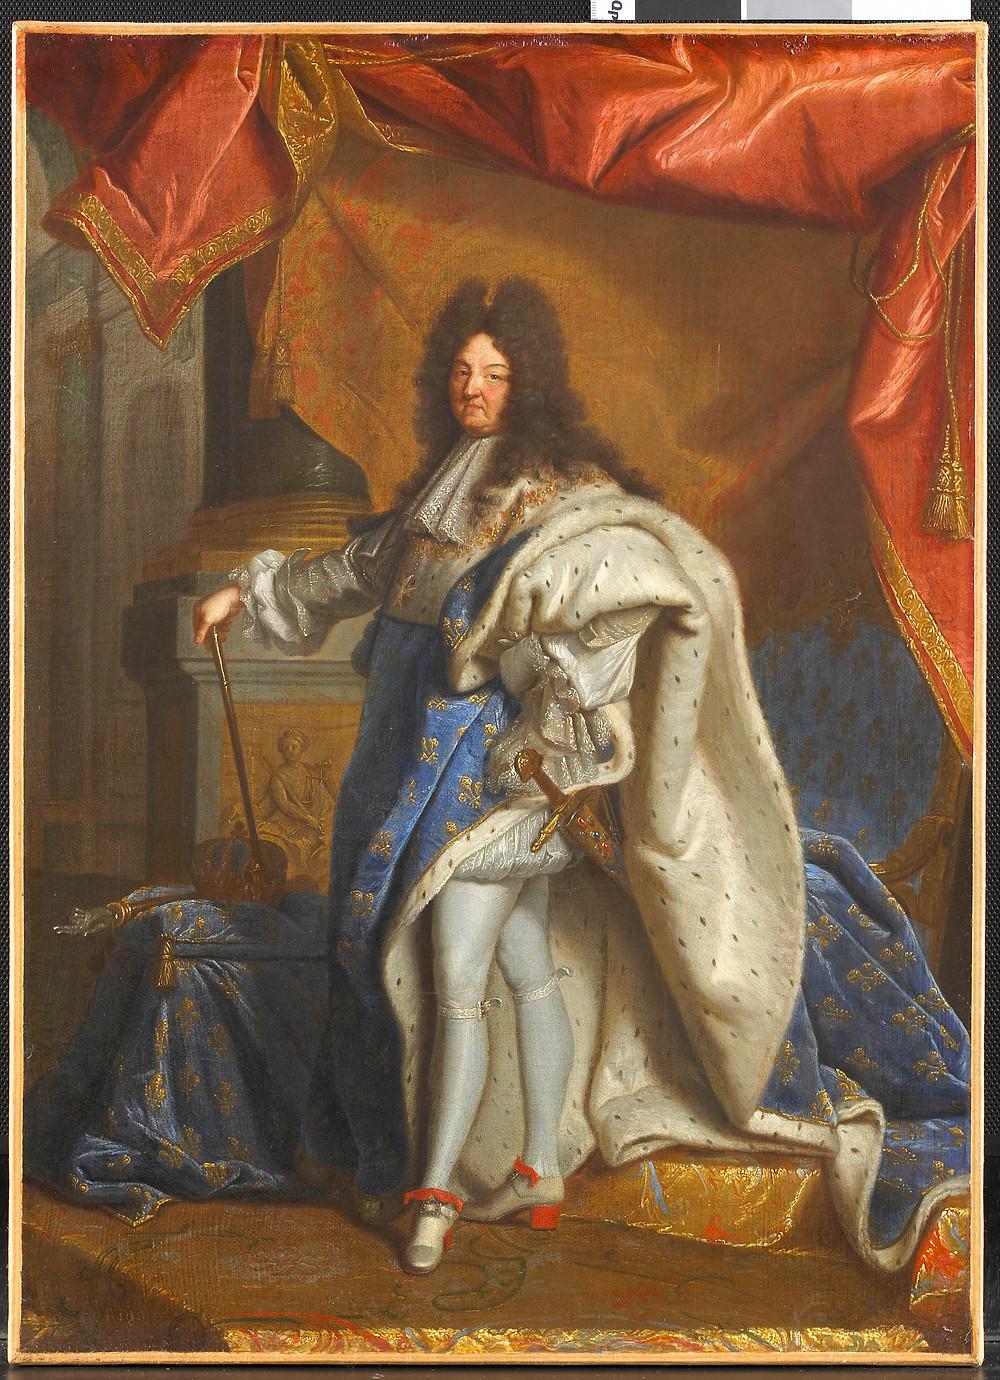 D'après Hyacinthe Rigaud, Portrait de Louis XIV en grand costume royal, après 1702, Chantilly, musée Condé, inv. PE 335